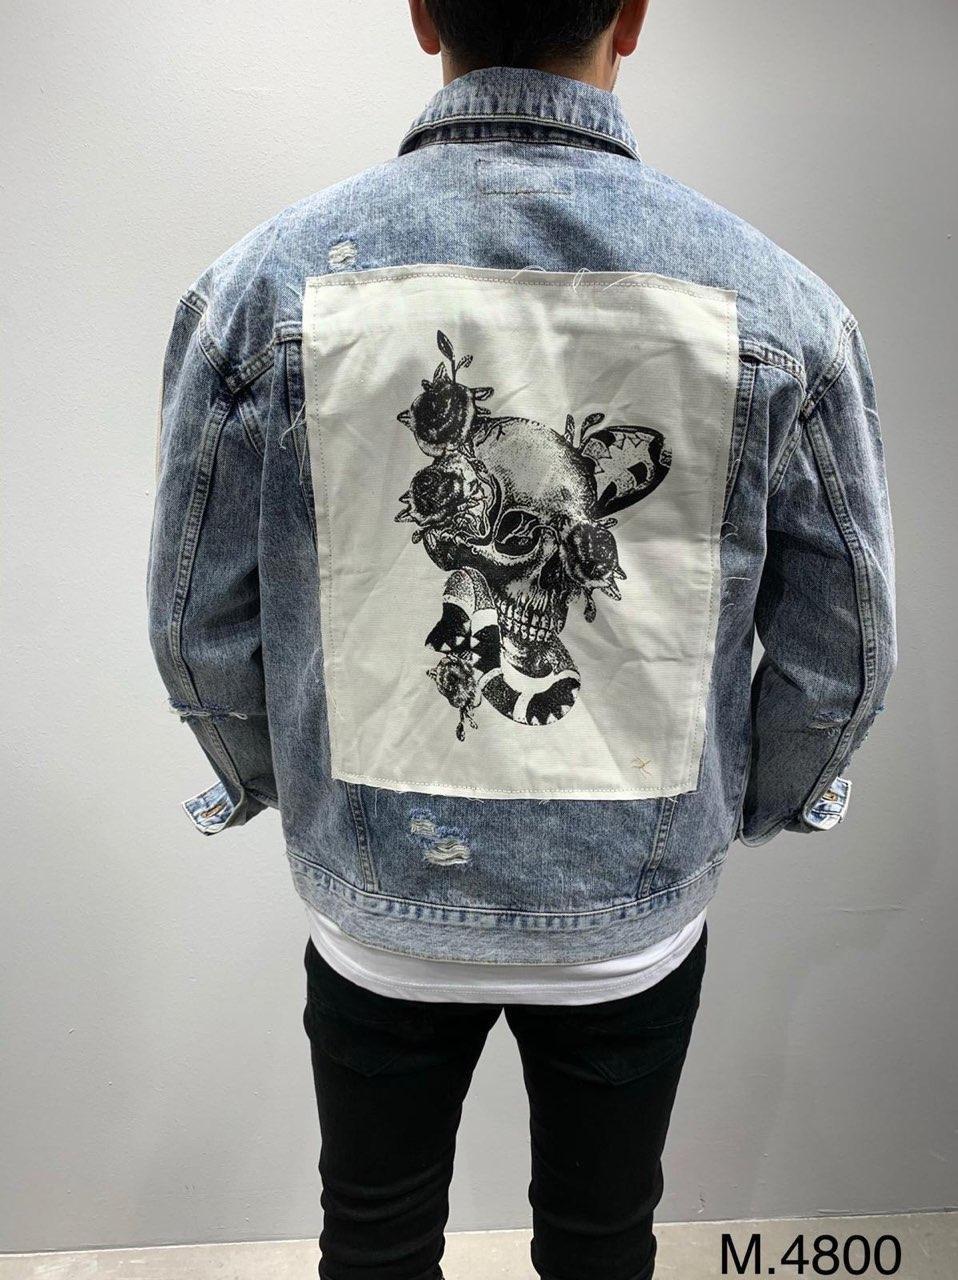 Мужская джинсовая куртка голубая рваная с принтом на спине